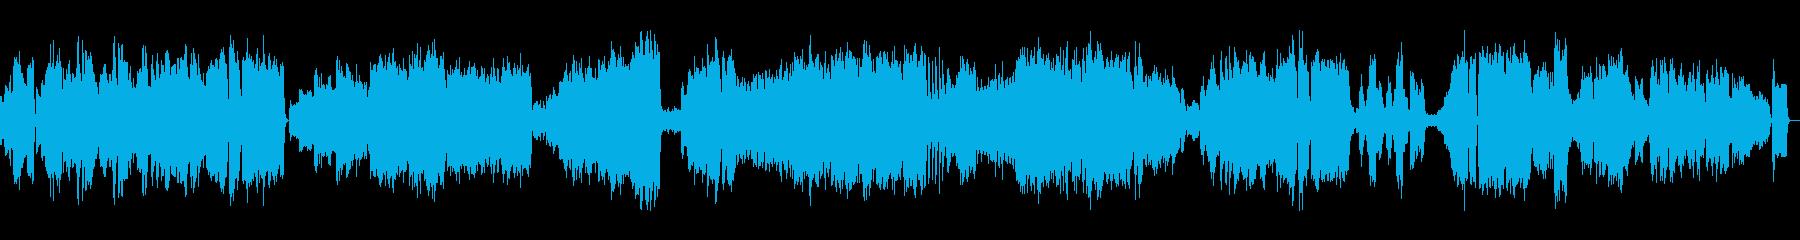 のどかな田園風の曲の再生済みの波形